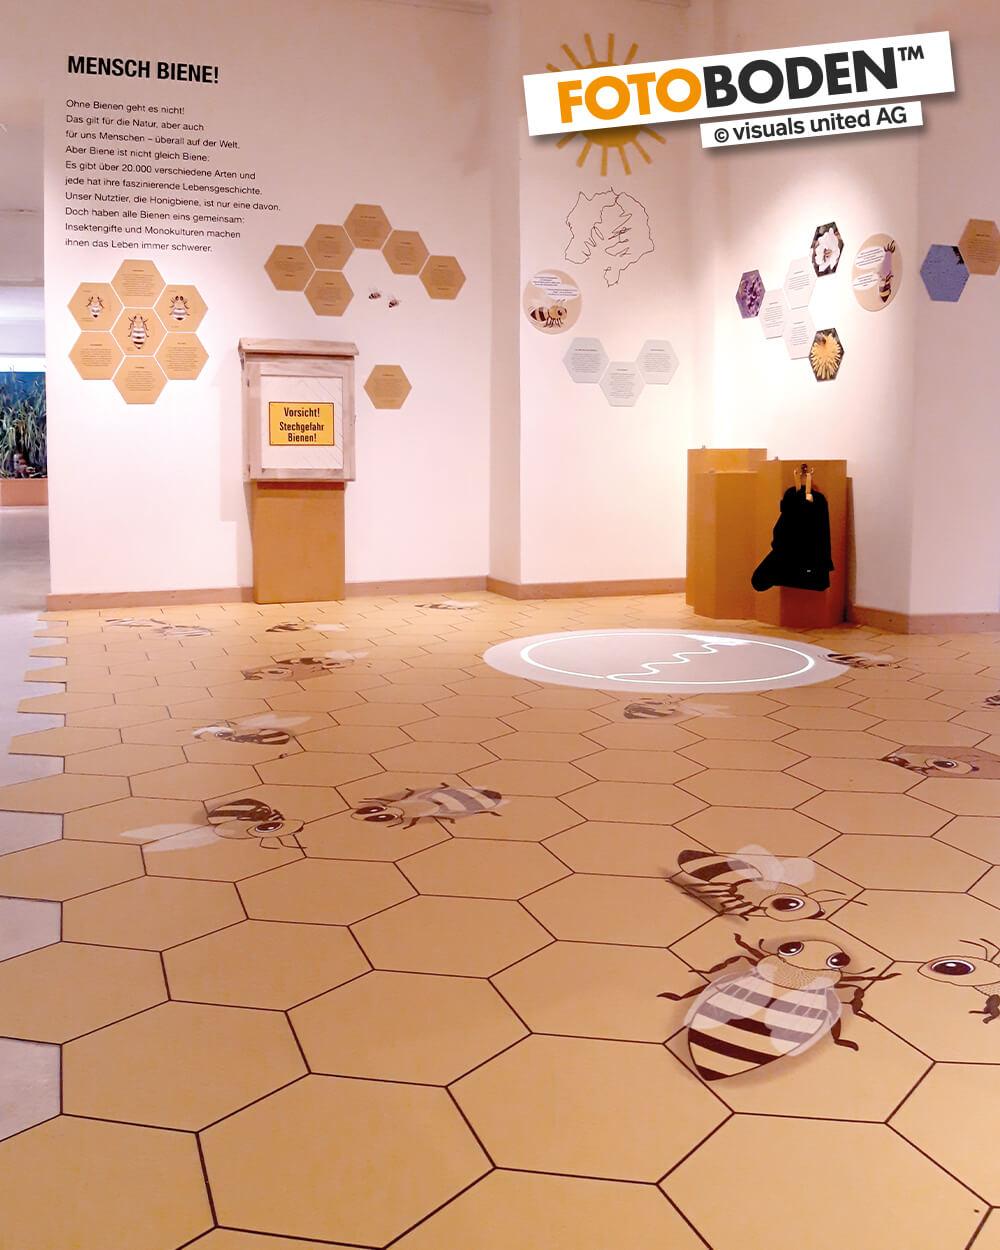 FOTOBODEN™ individuell bedruckt im Naturkundemuseum Potsdam. Illustrierte Bieenen auf Bienenwaben.